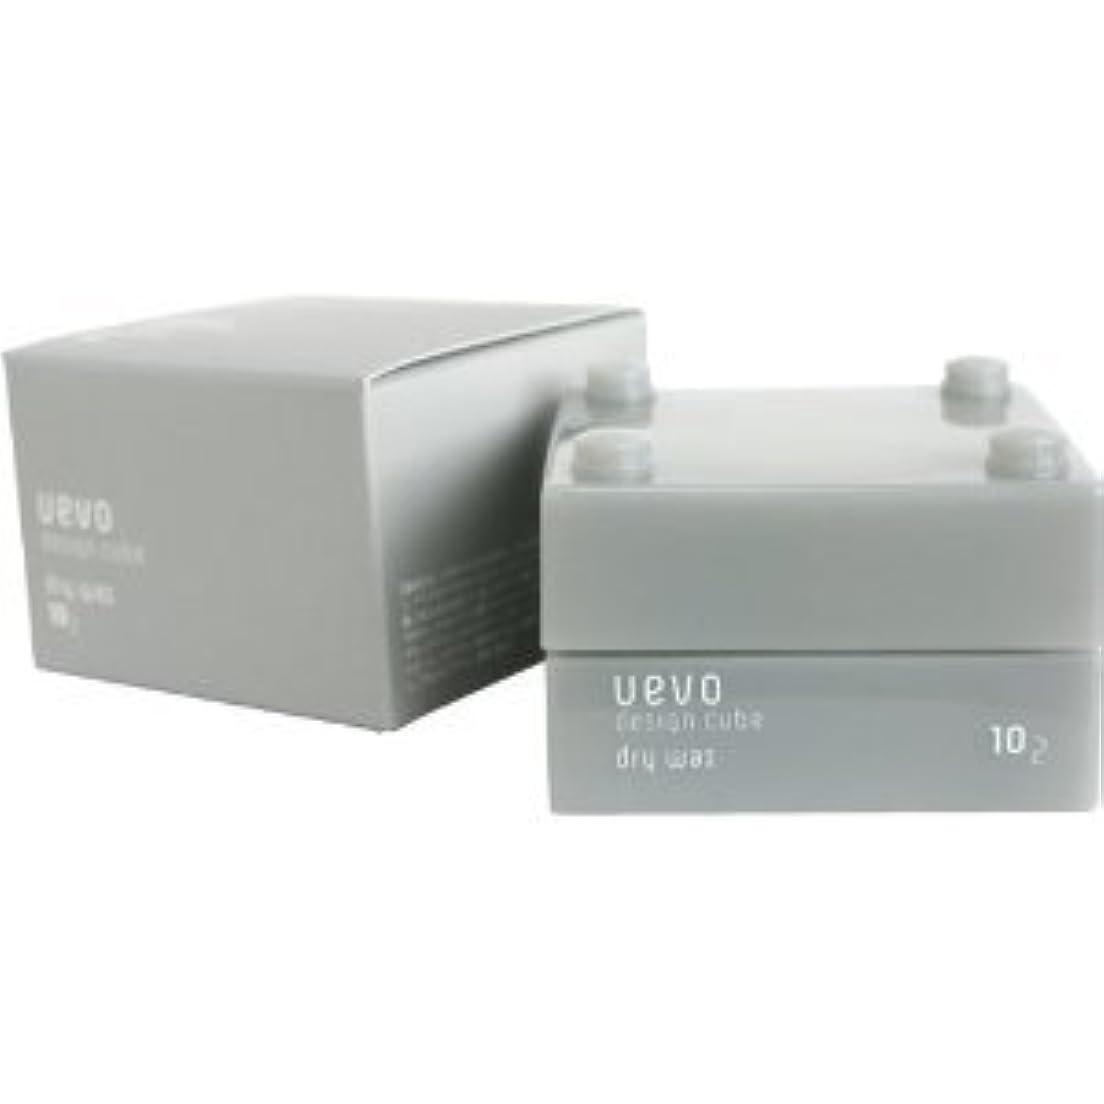 花瓶立ち寄る予測子【X2個セット】 デミ ウェーボ デザインキューブ ドライワックス 30g dry wax DEMI uevo design cube